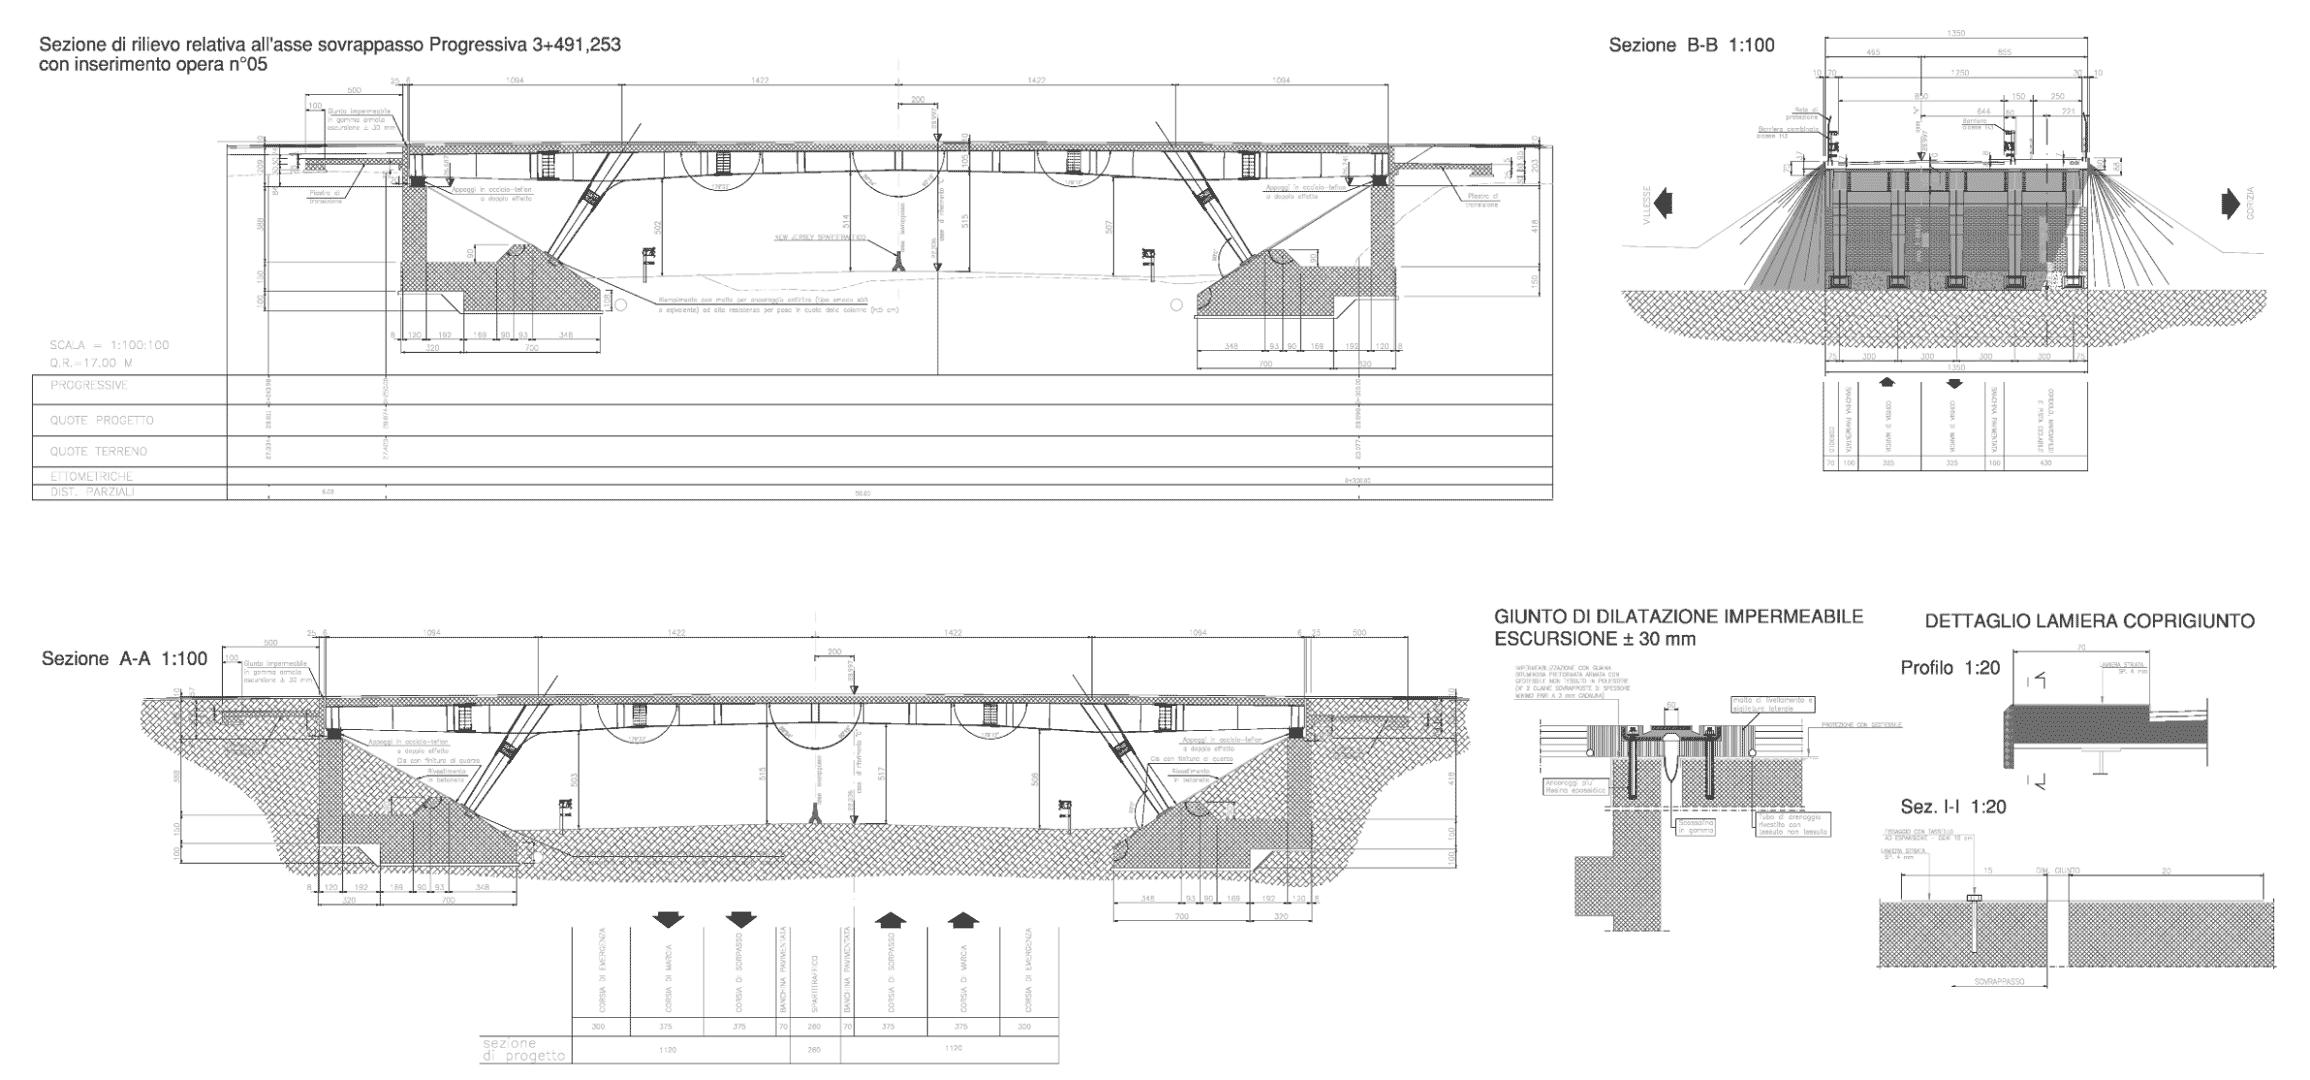 disegni sezioni trasversali progetto